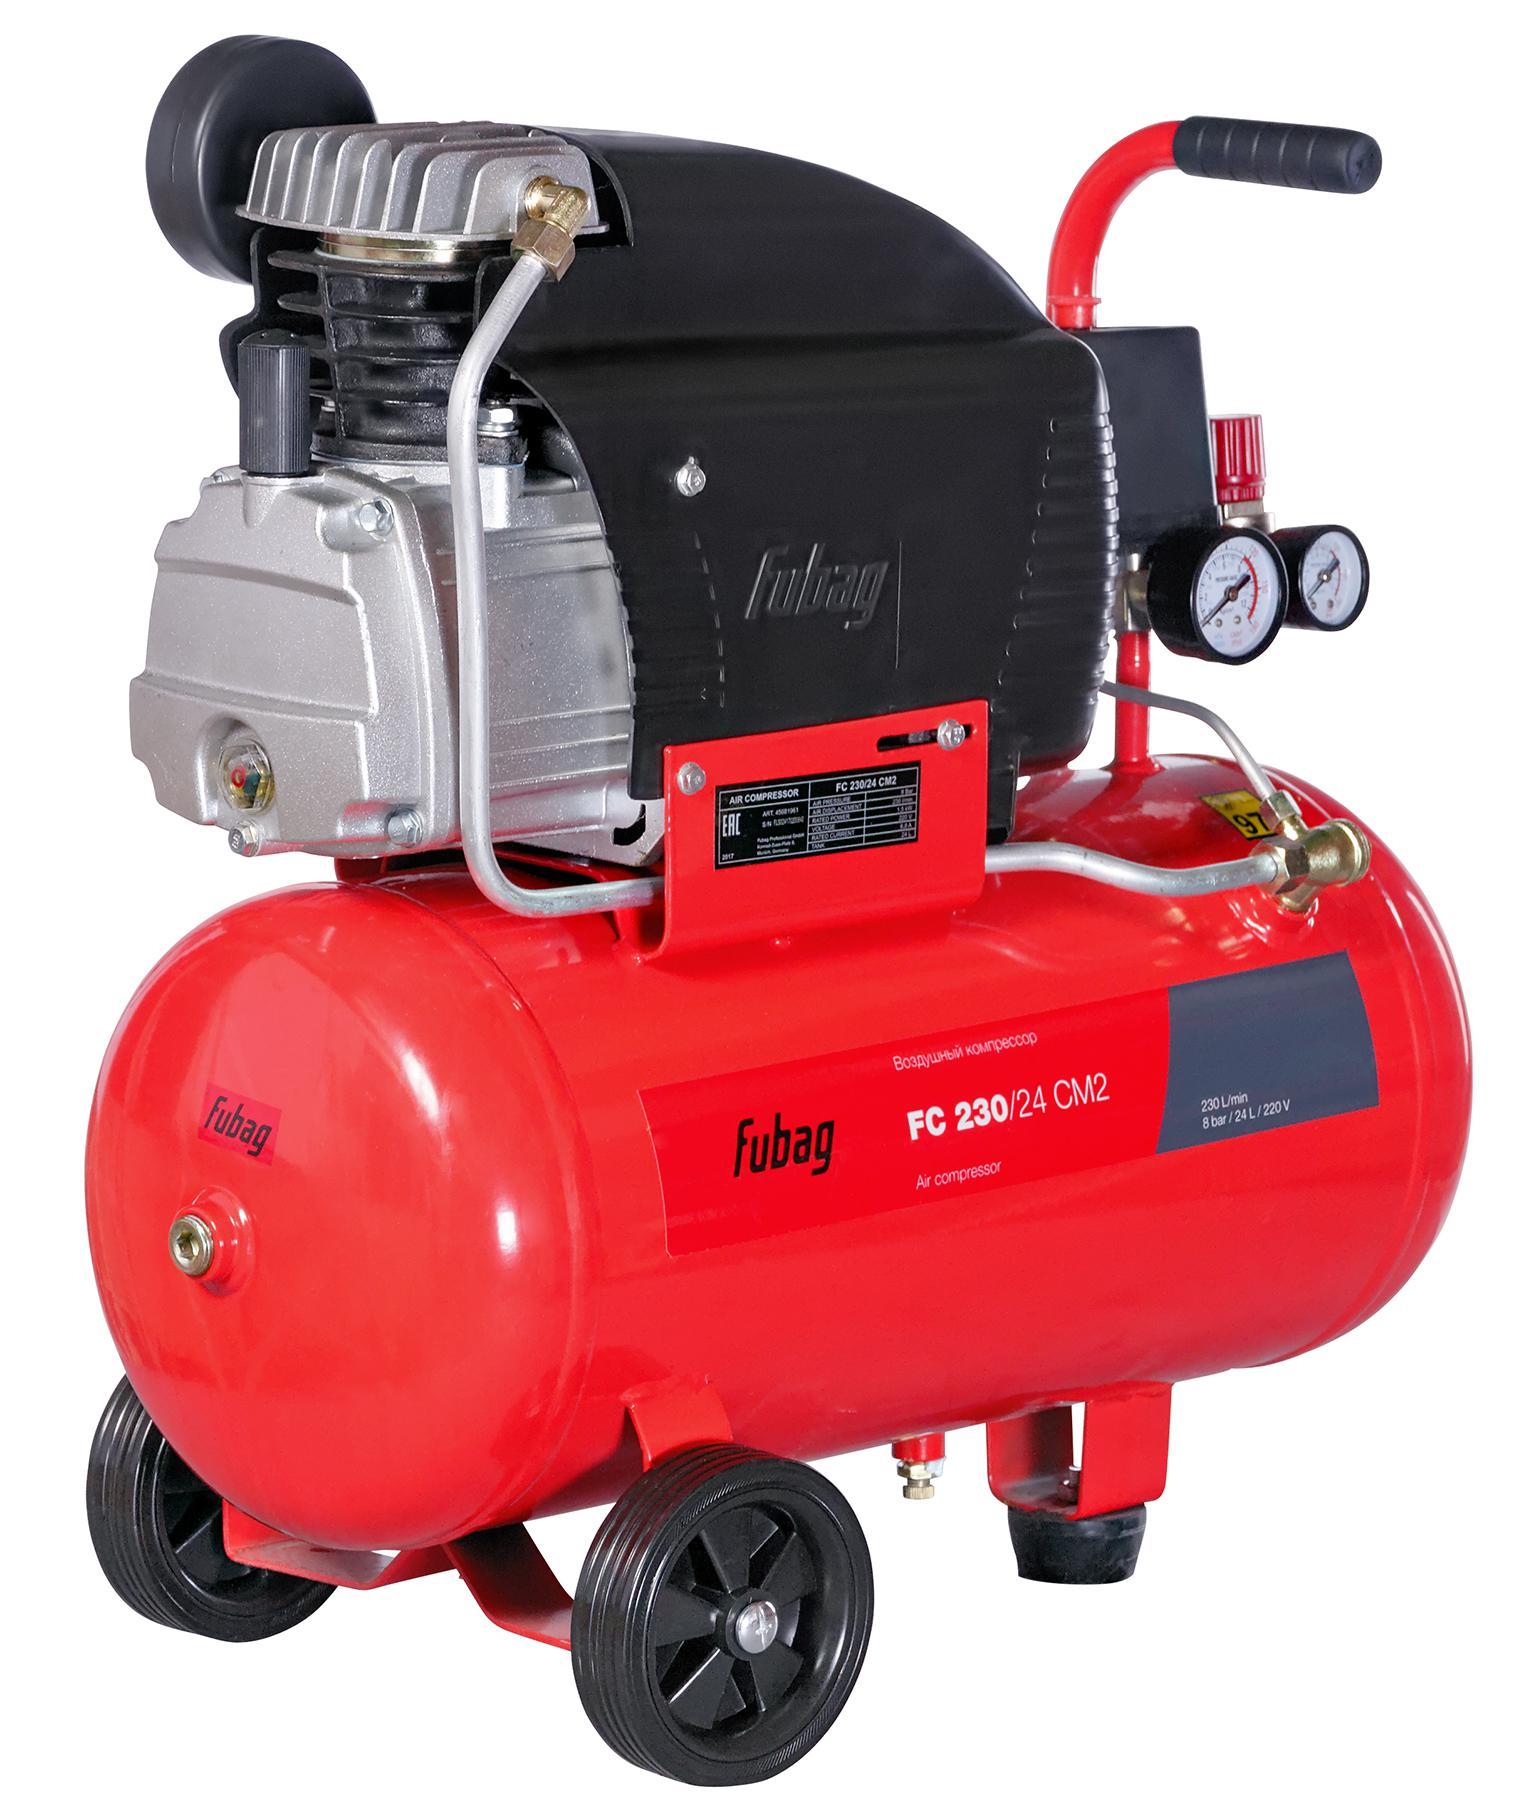 Компрессор Fubag FС 230/24 cm2 компрессор воздушный fubag fс 230 50 cm2